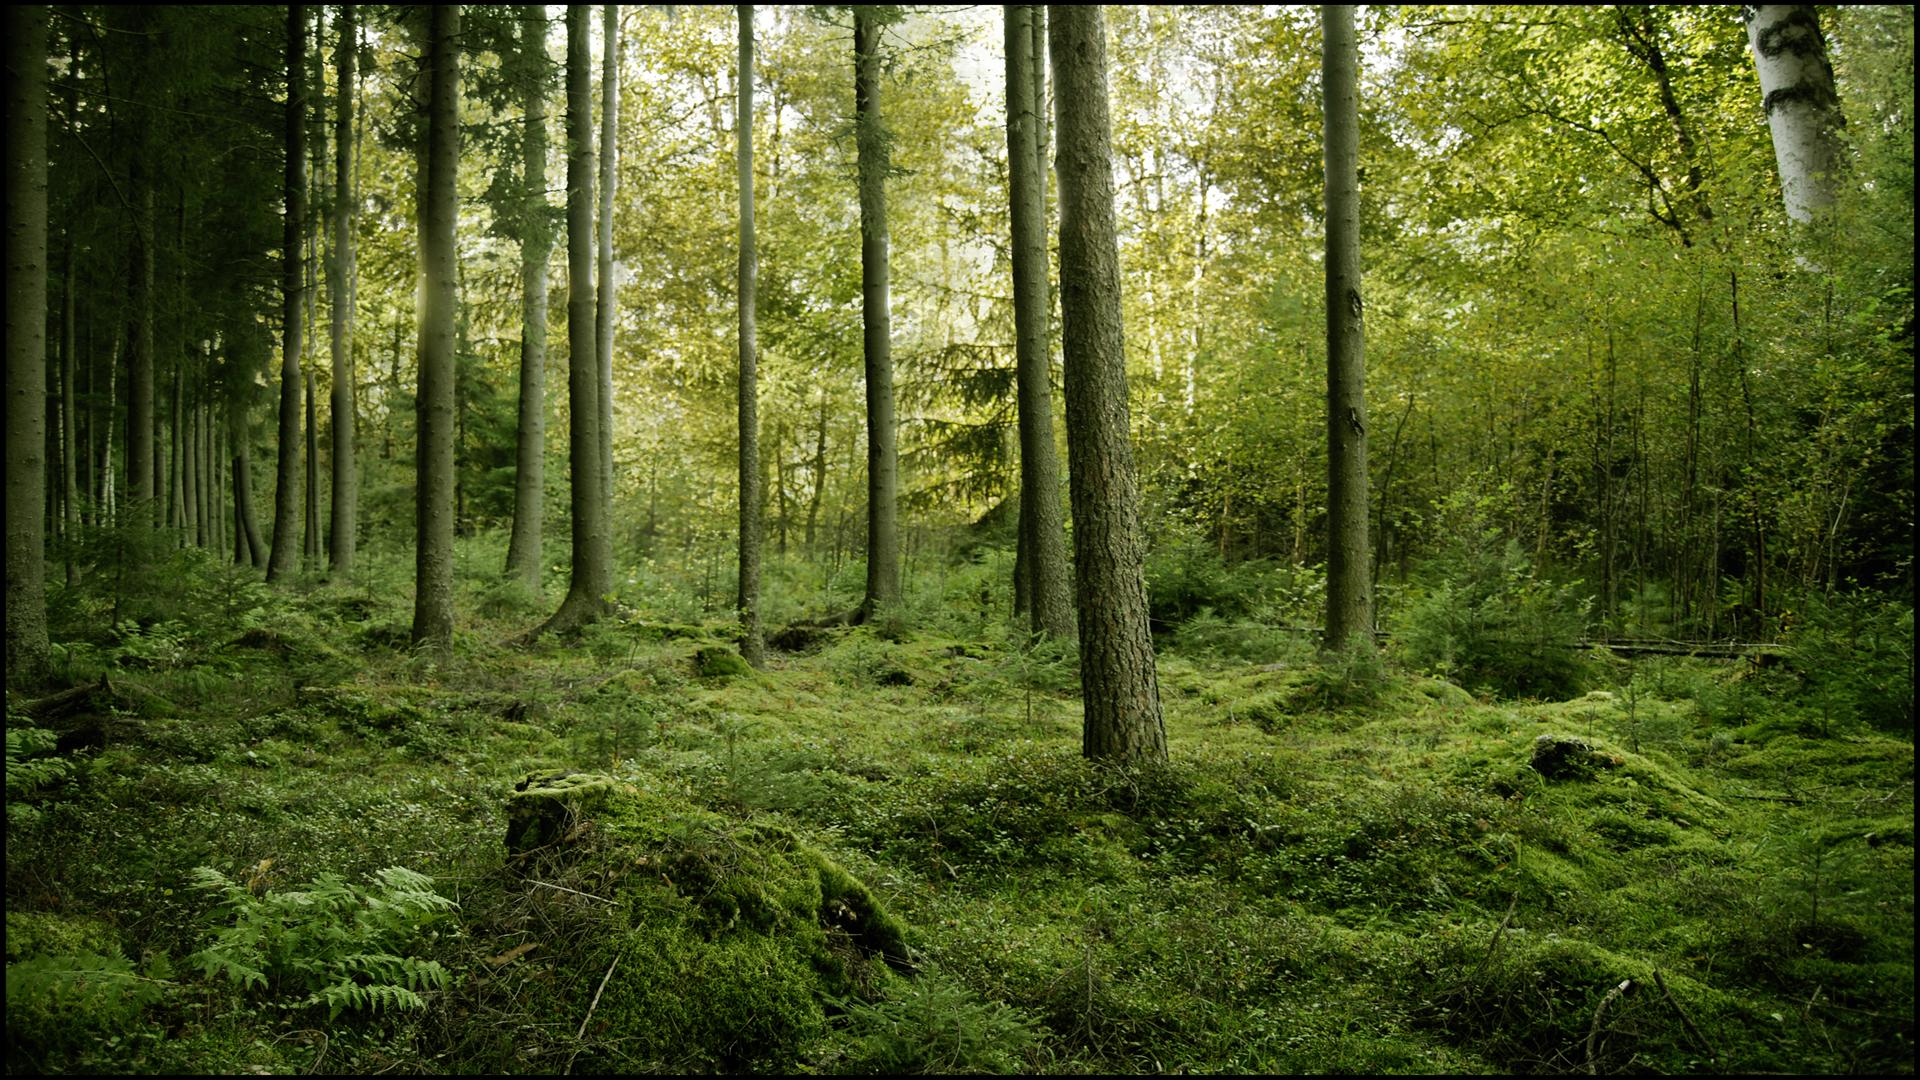 картинки на обои рабочего стола лес мальту целью